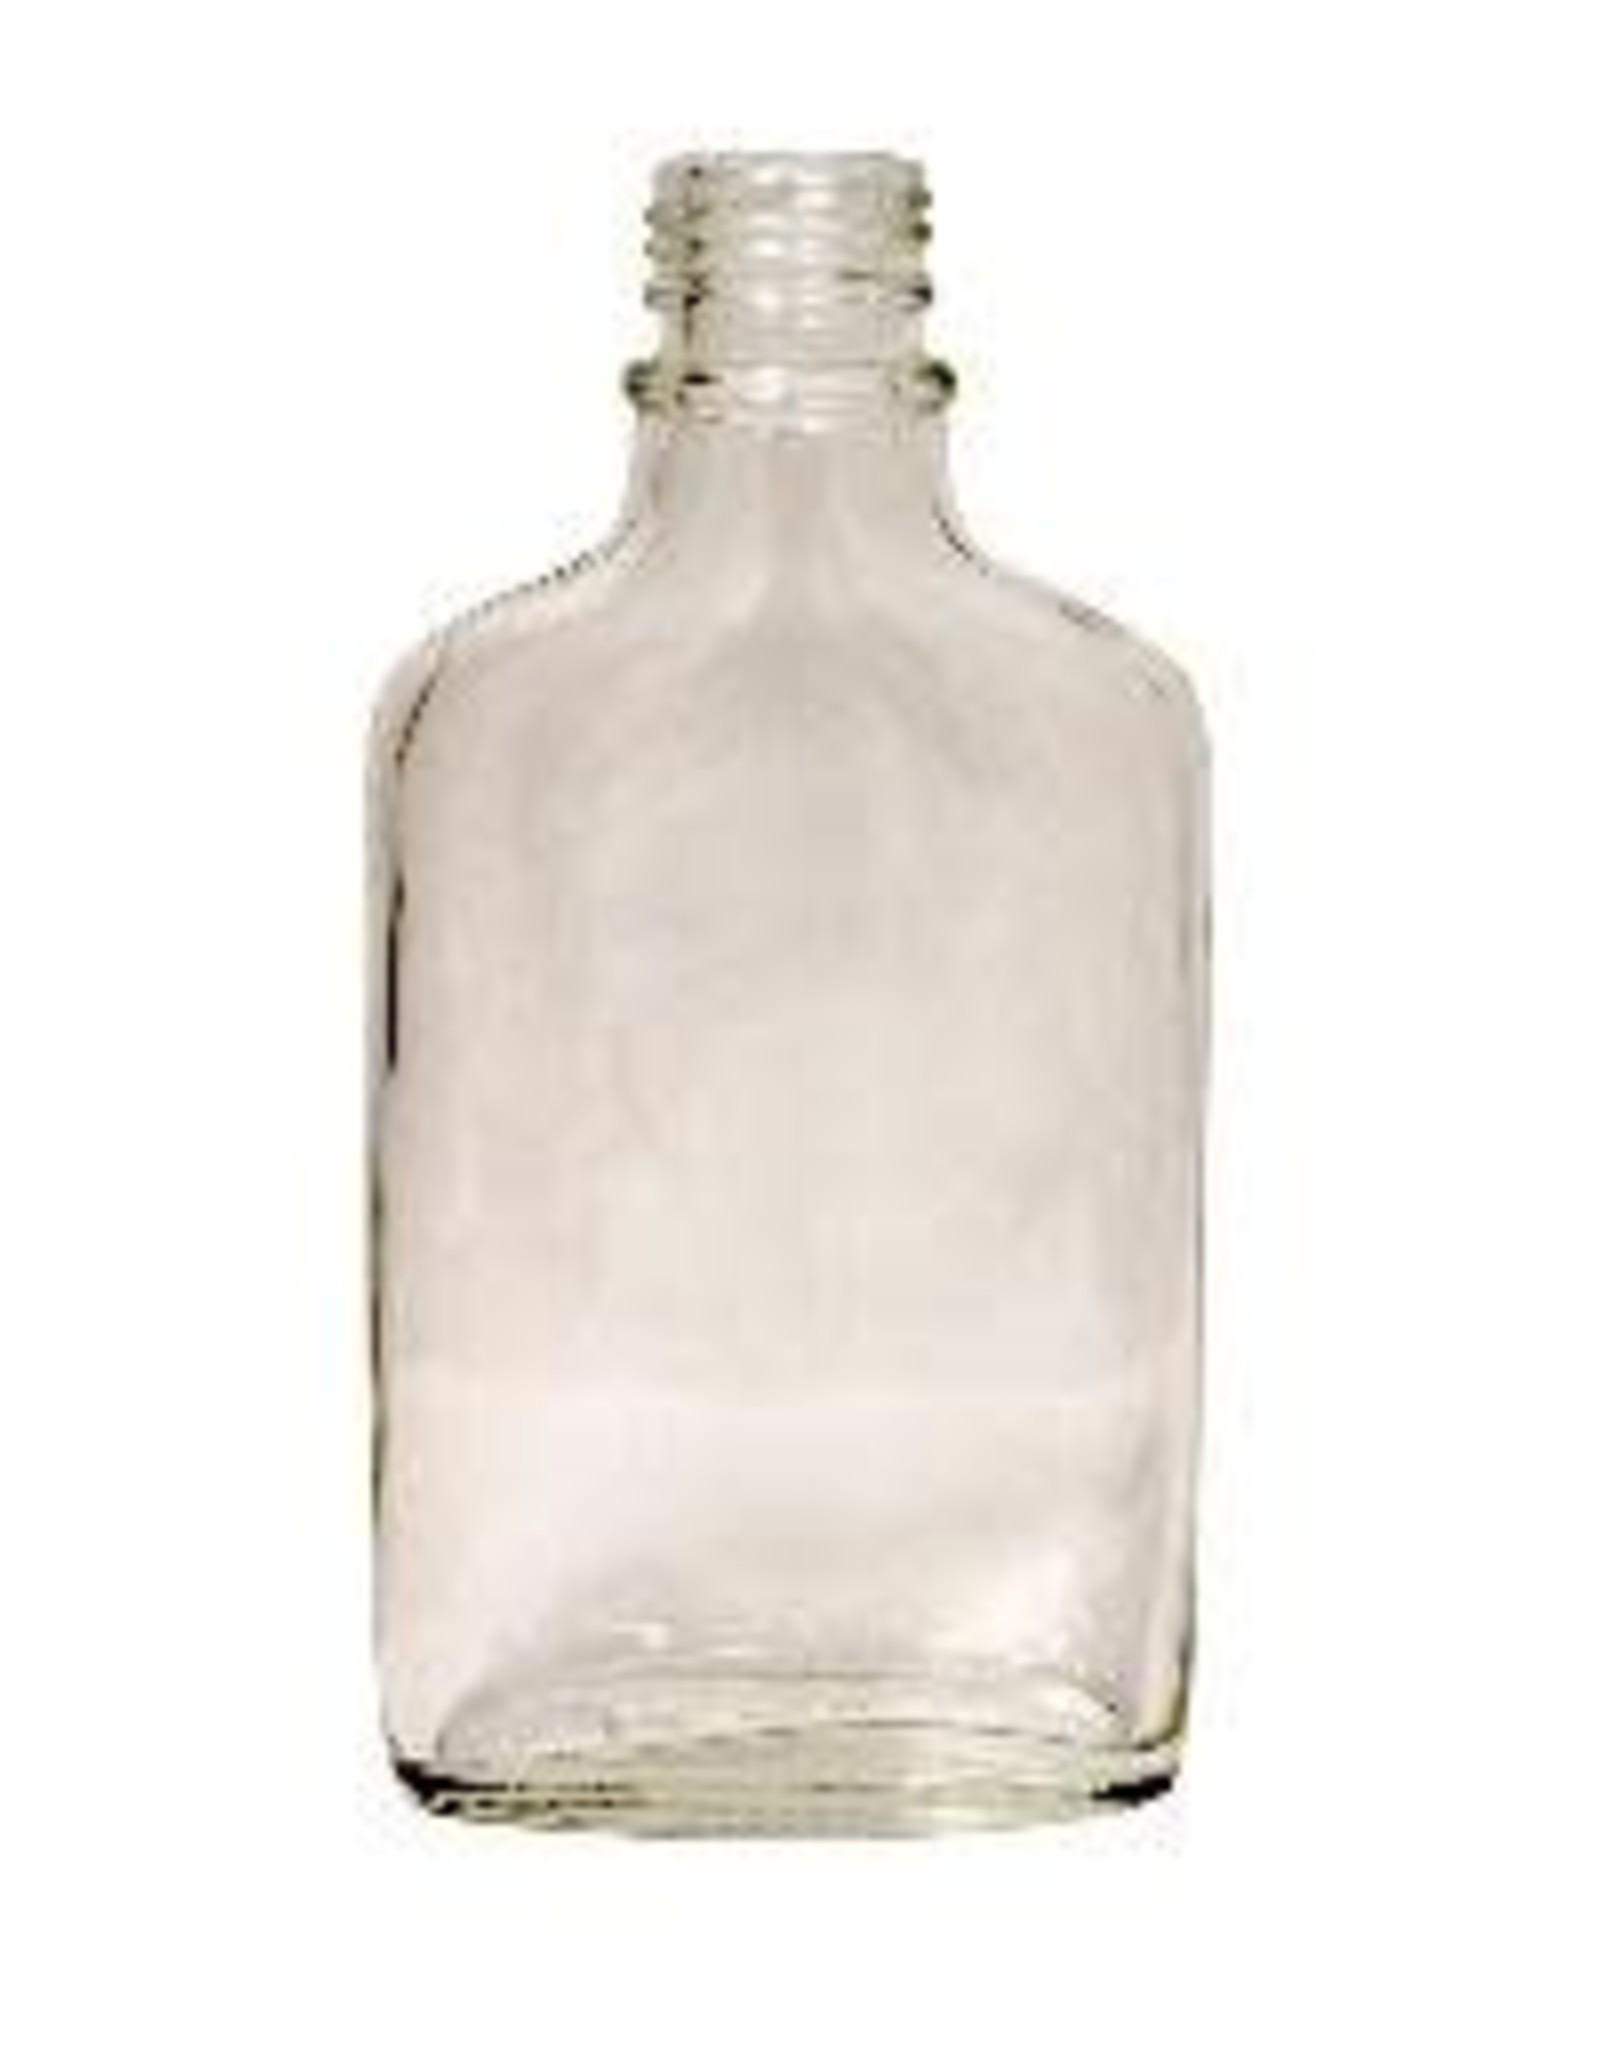 200ML GLASS FLASK SCREW TOP